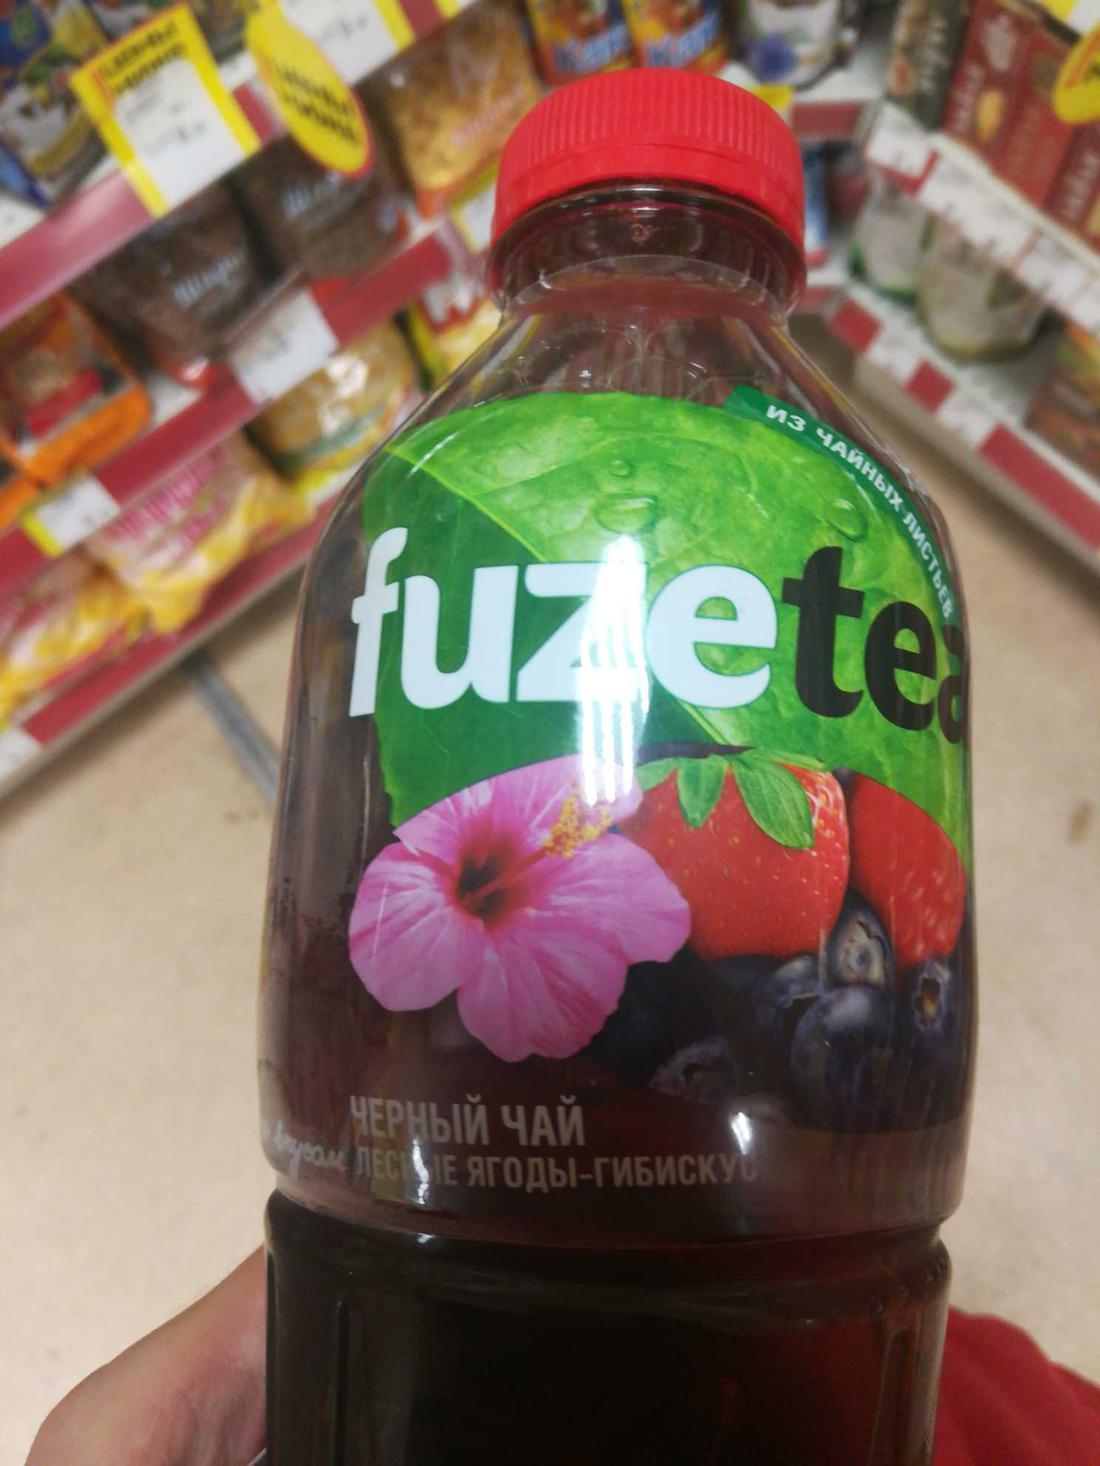 fuzetea - чёрный чай. лесные ягоды - гибискус